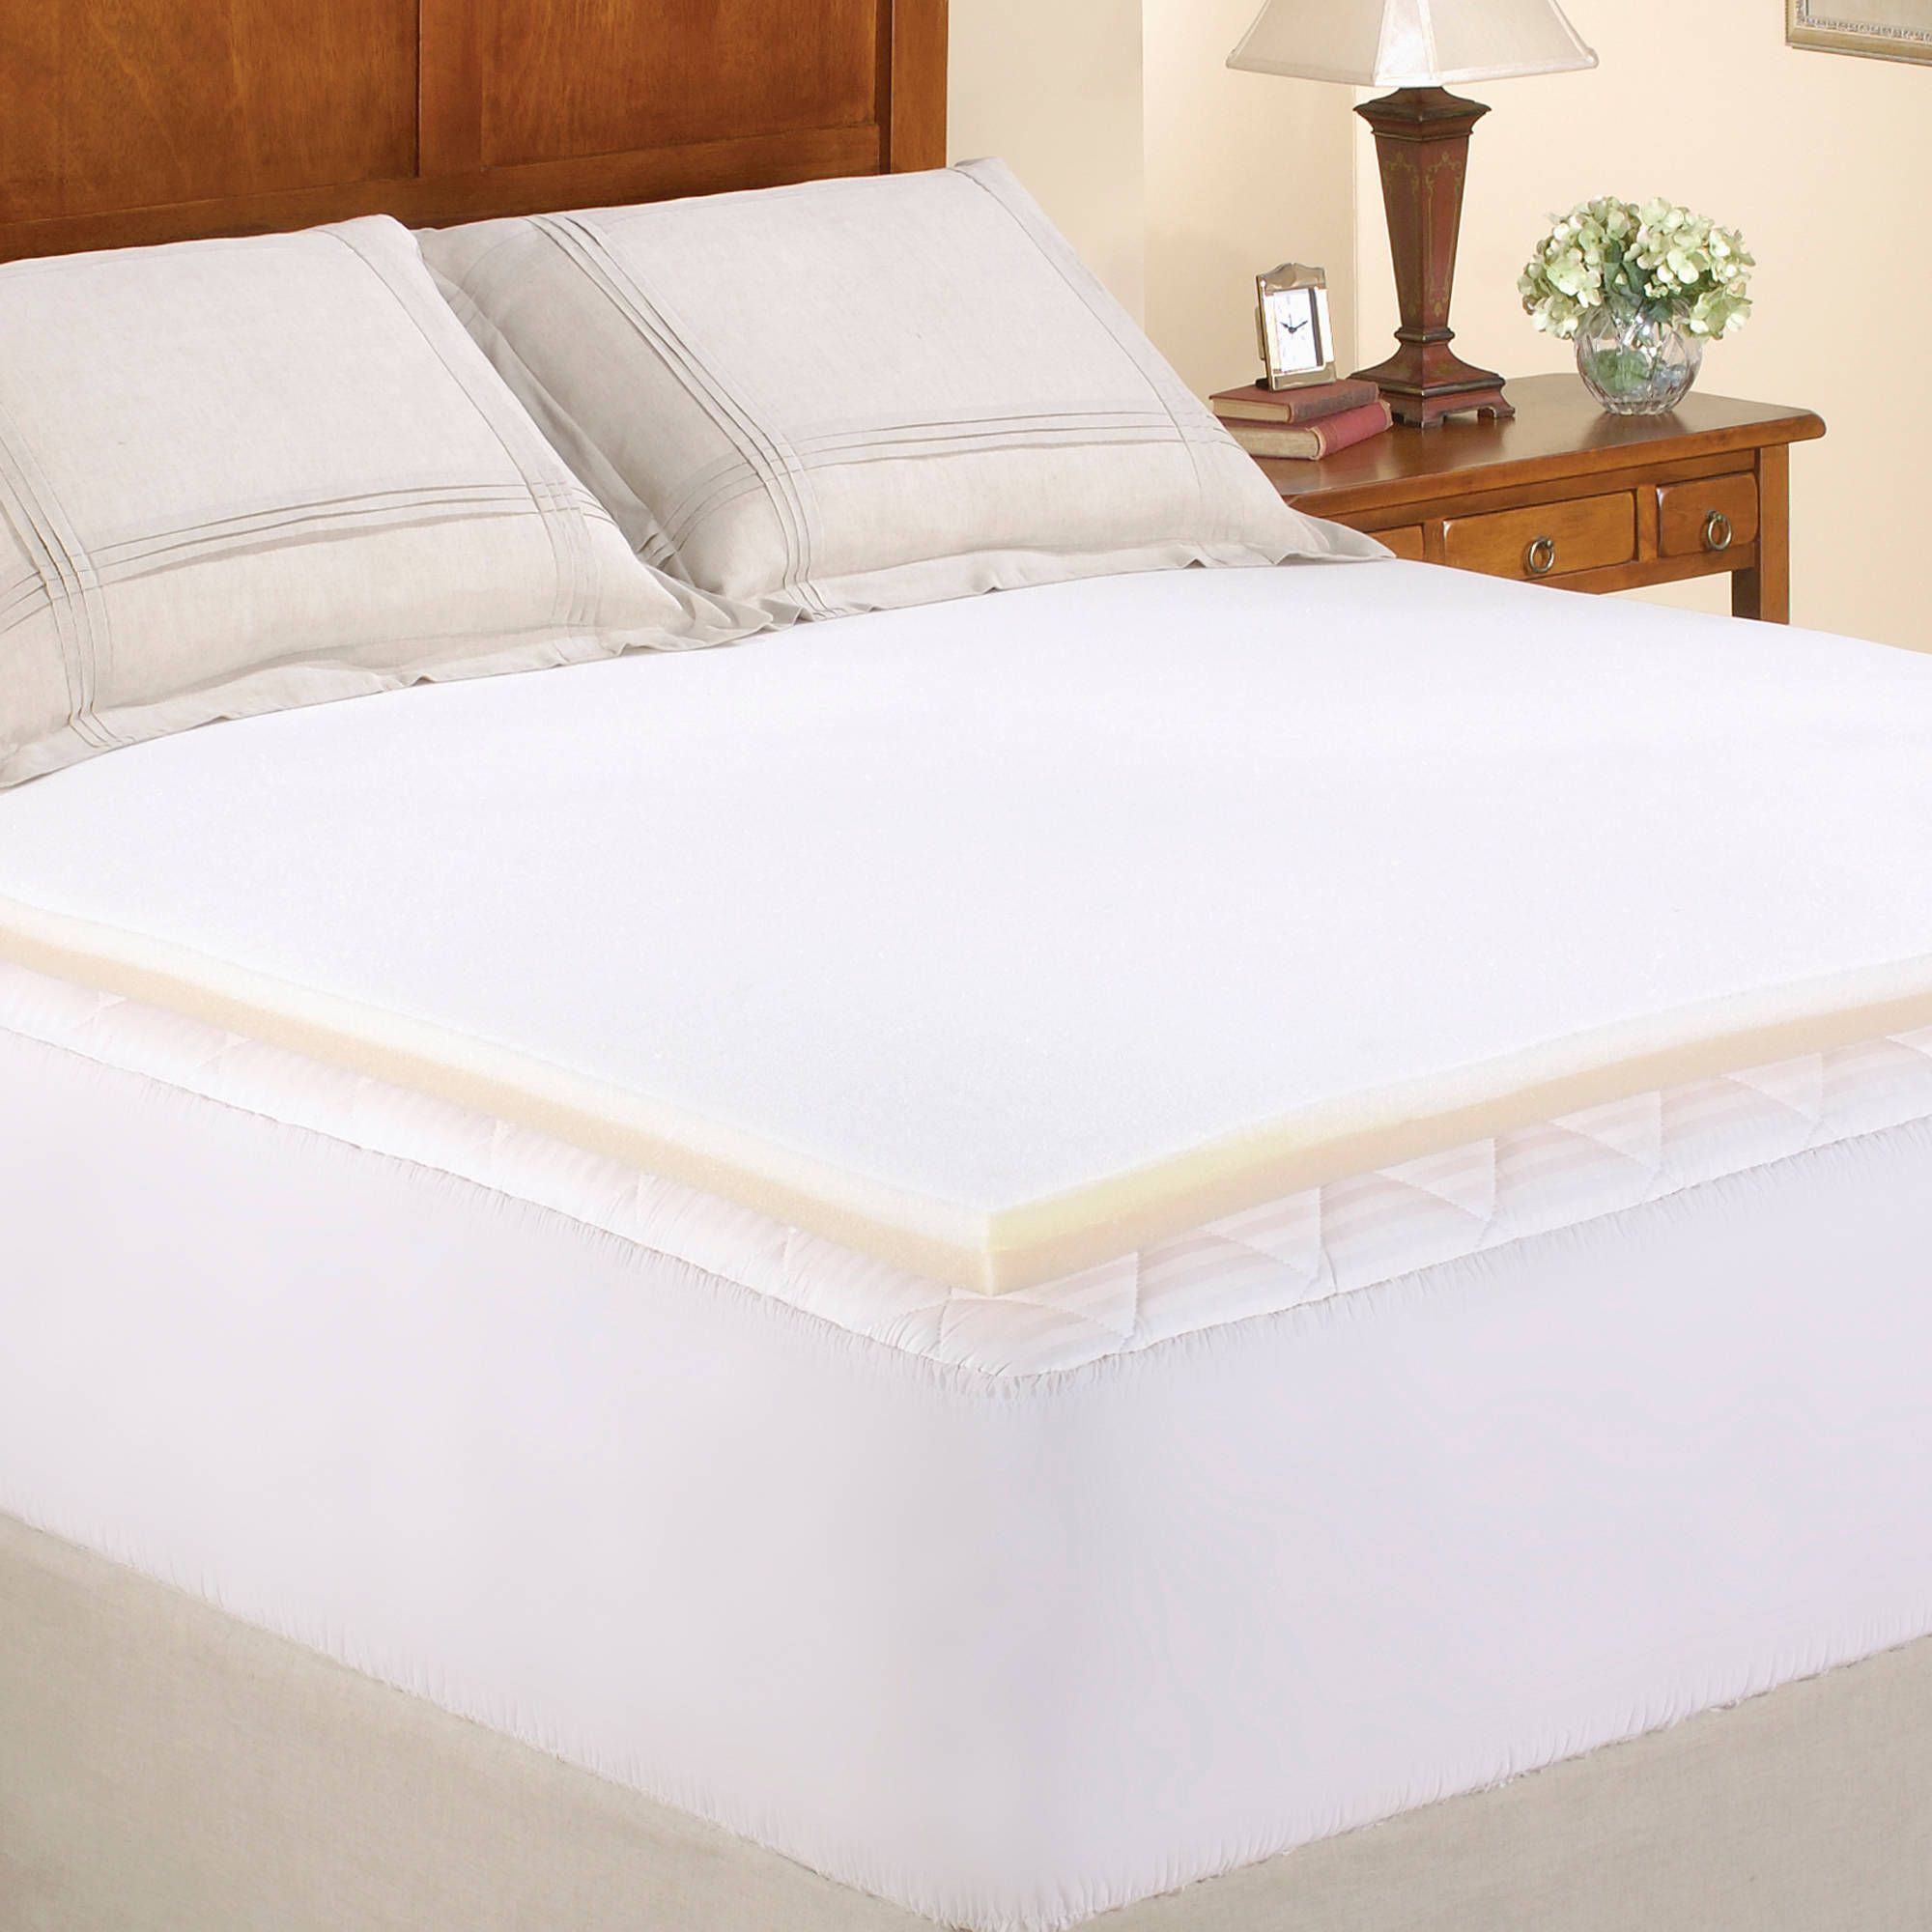 huge discount 50431 37ca1 Need a mattress: contact mr. mattress | Mattress | Memory ...